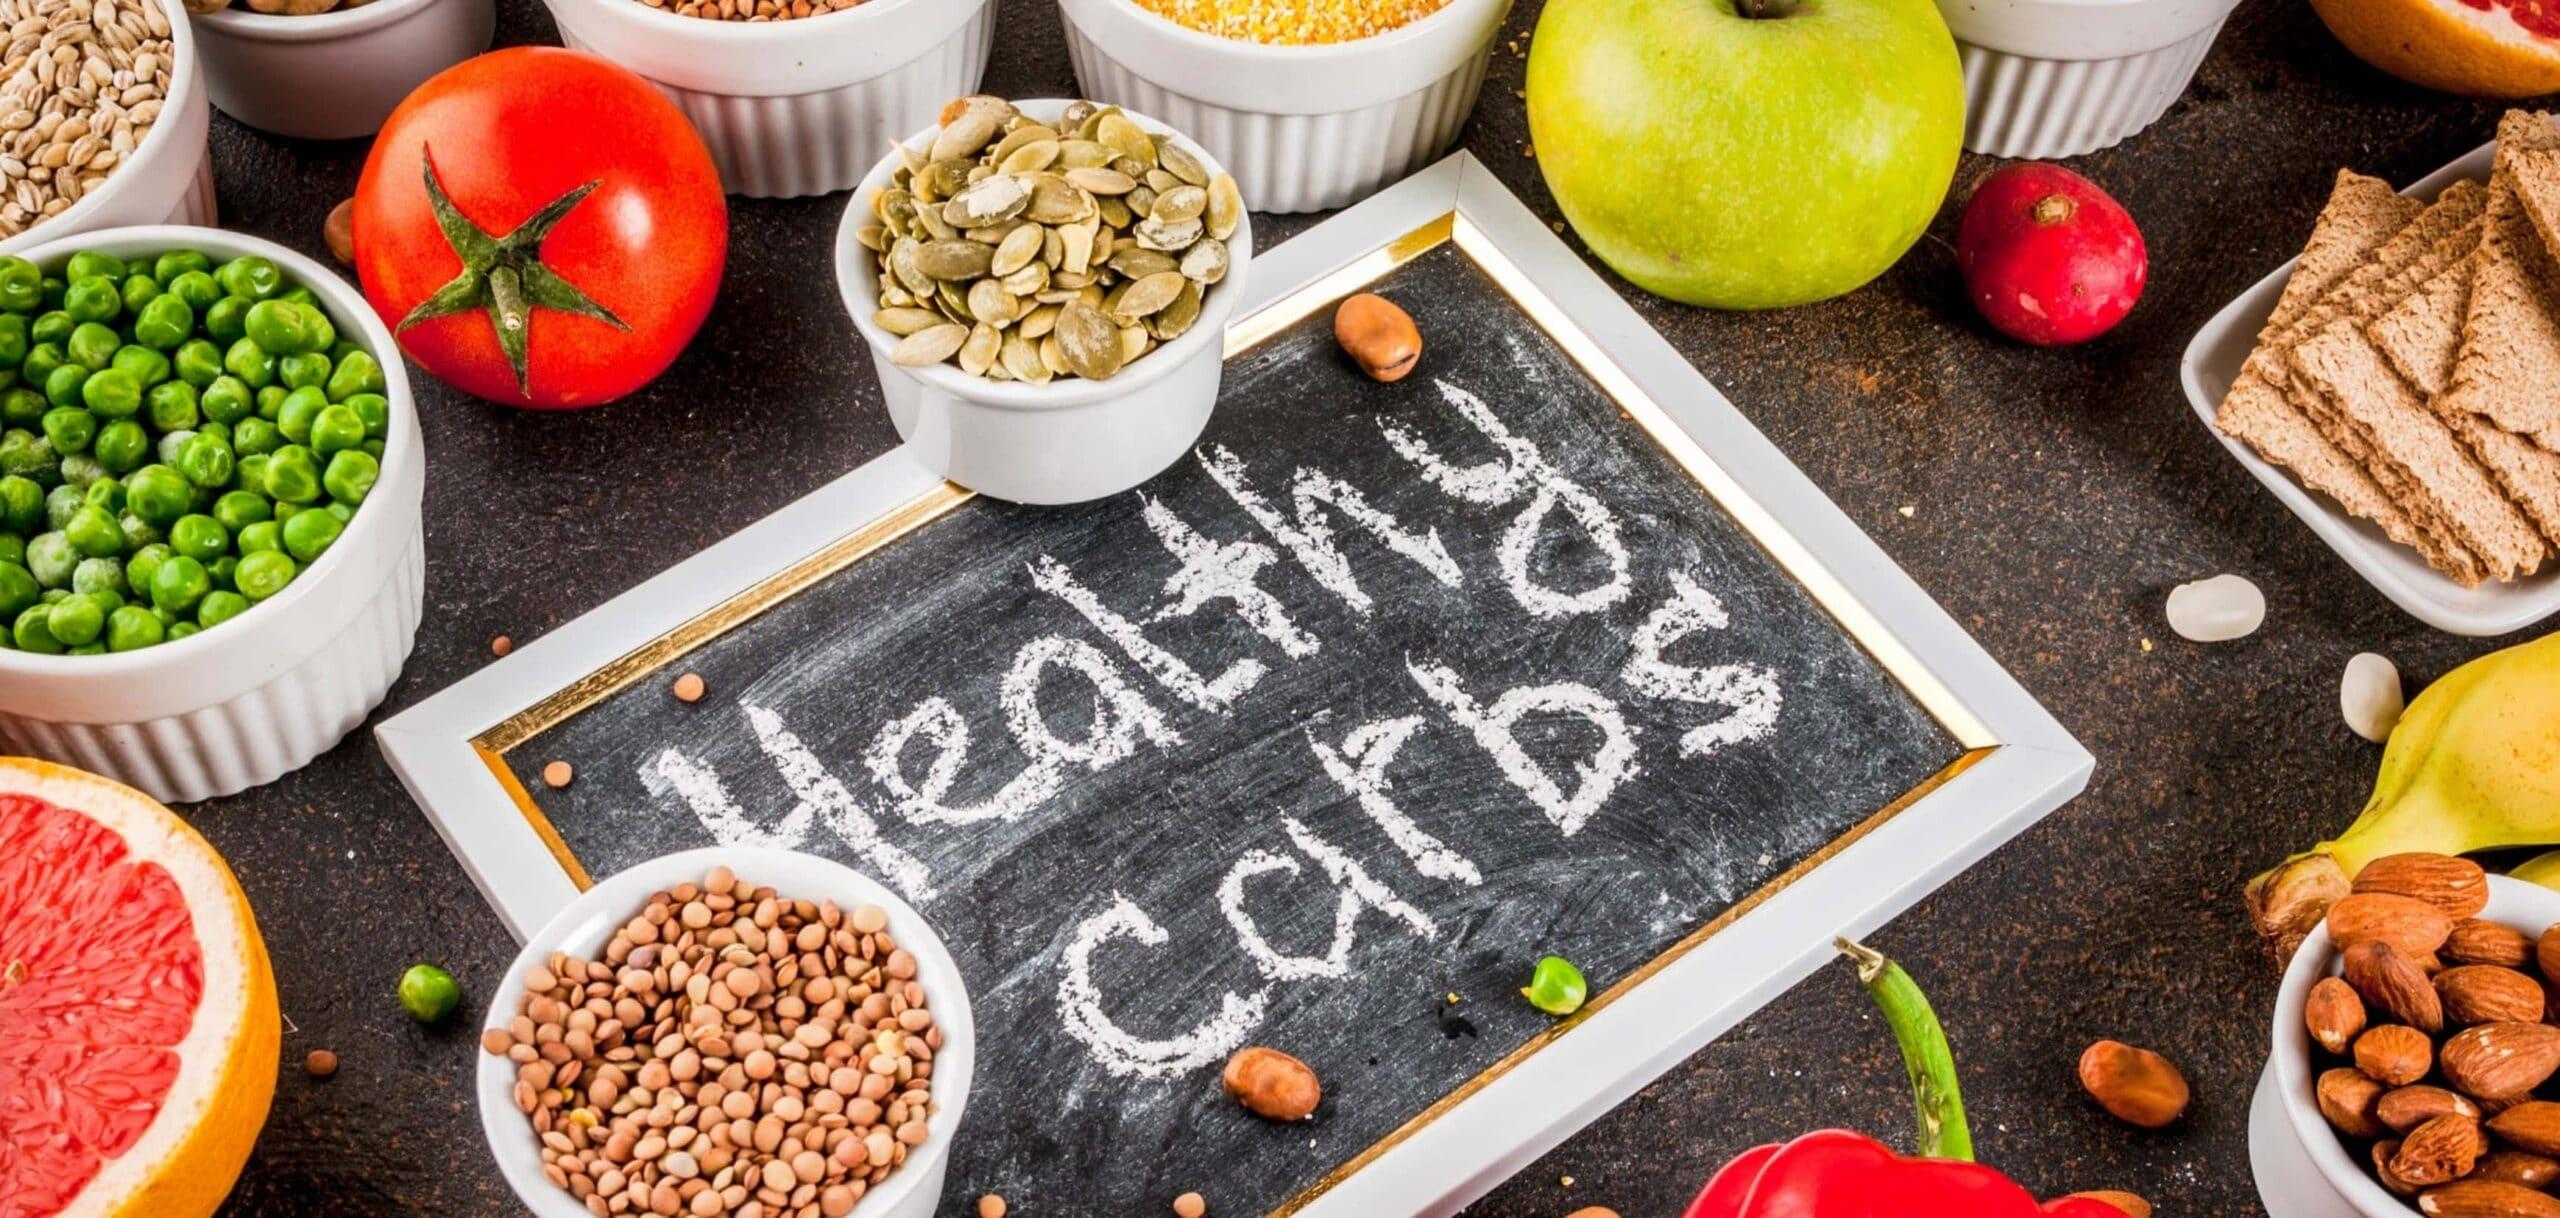 dieta sana e alimentazione bilanciata